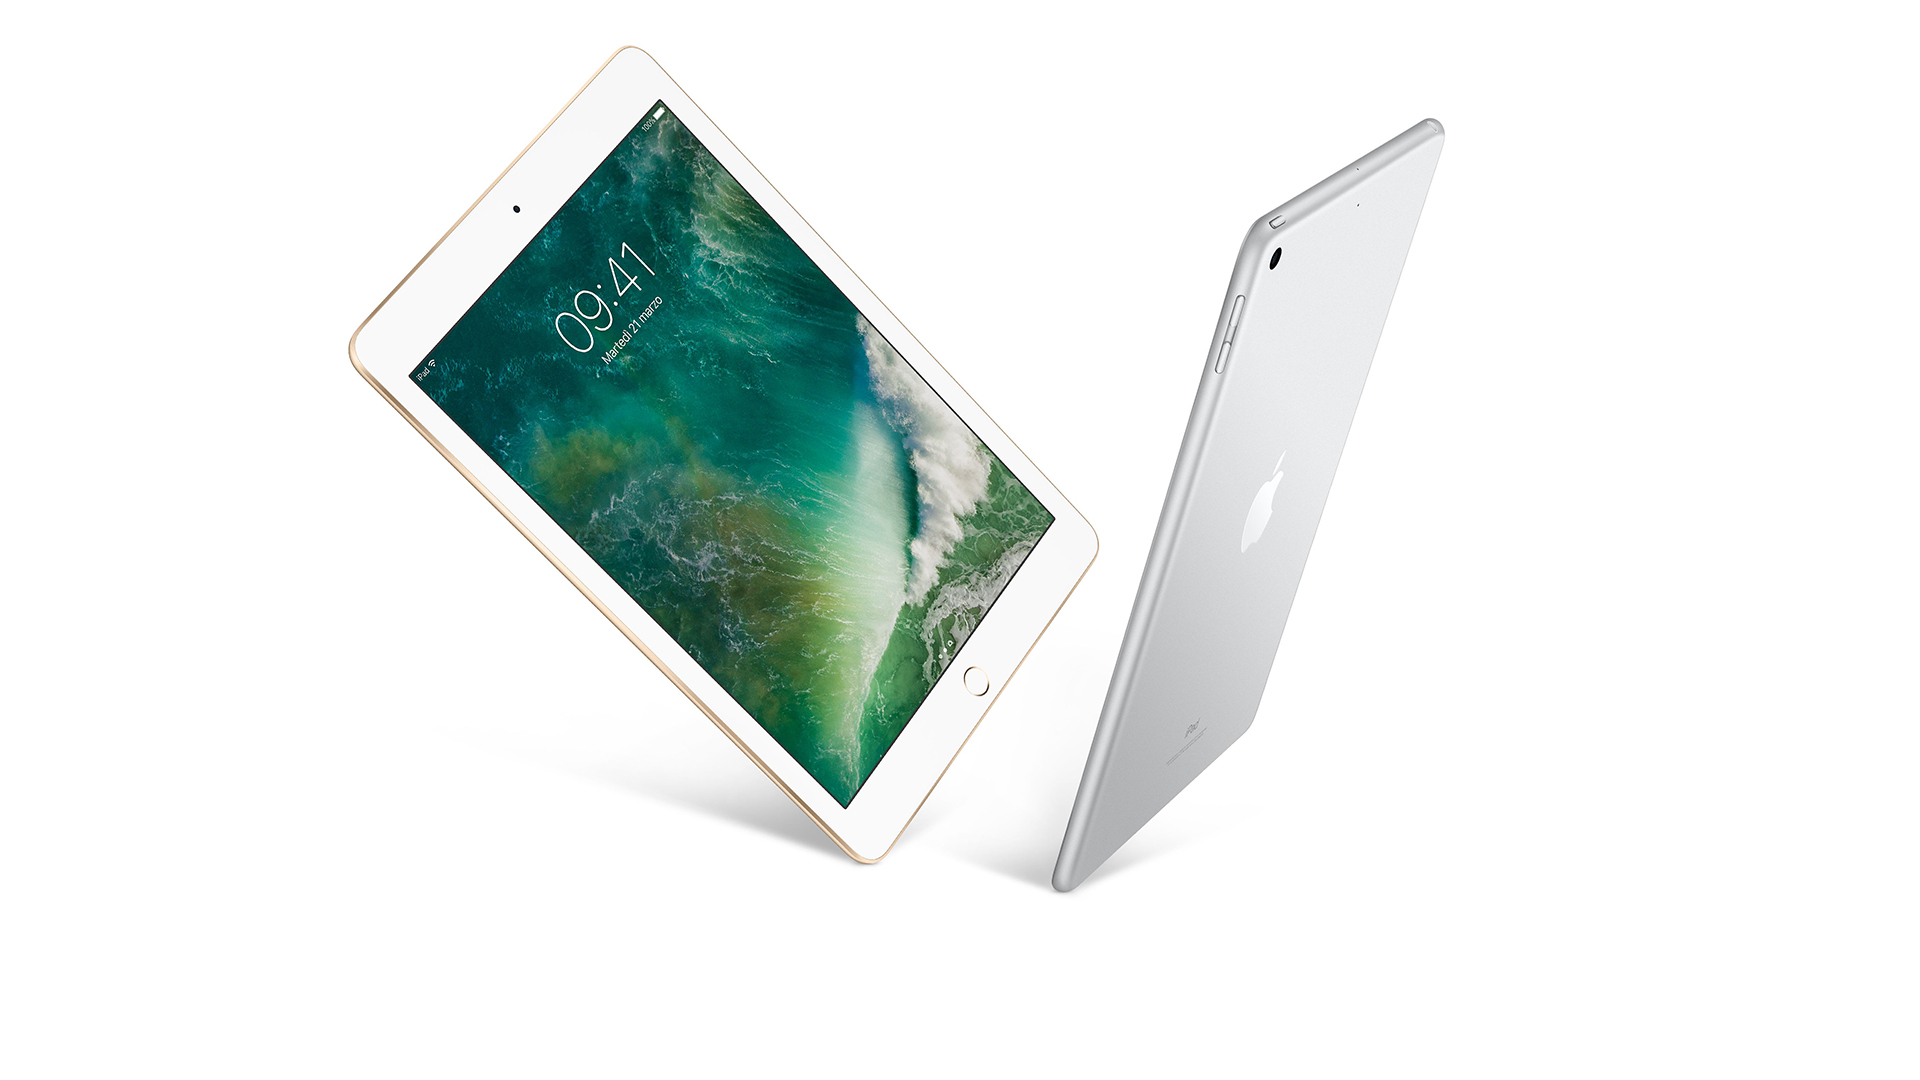 iPad da 9.7″ con display Retina: ecco tutte le caratteristiche del nuovo tablet Apple thumbnail